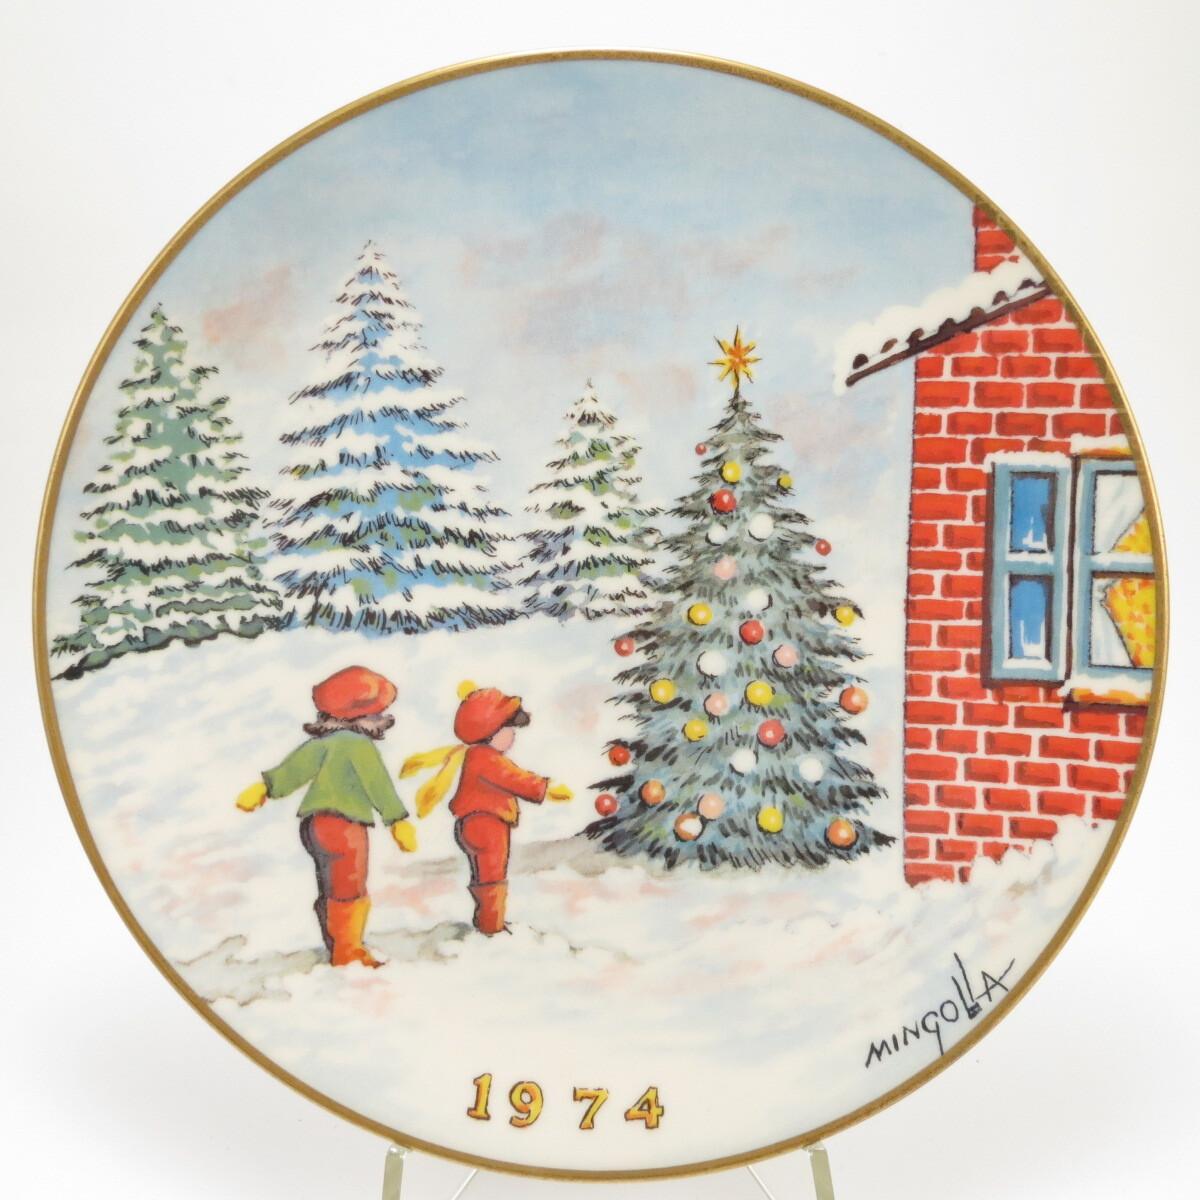 """Декоративная тарелка """"Эмали Дома Минголлы. Рождество 1974"""". Фарфор, деколь, золочение. США, Gorham, Дом Минголла, 1974"""